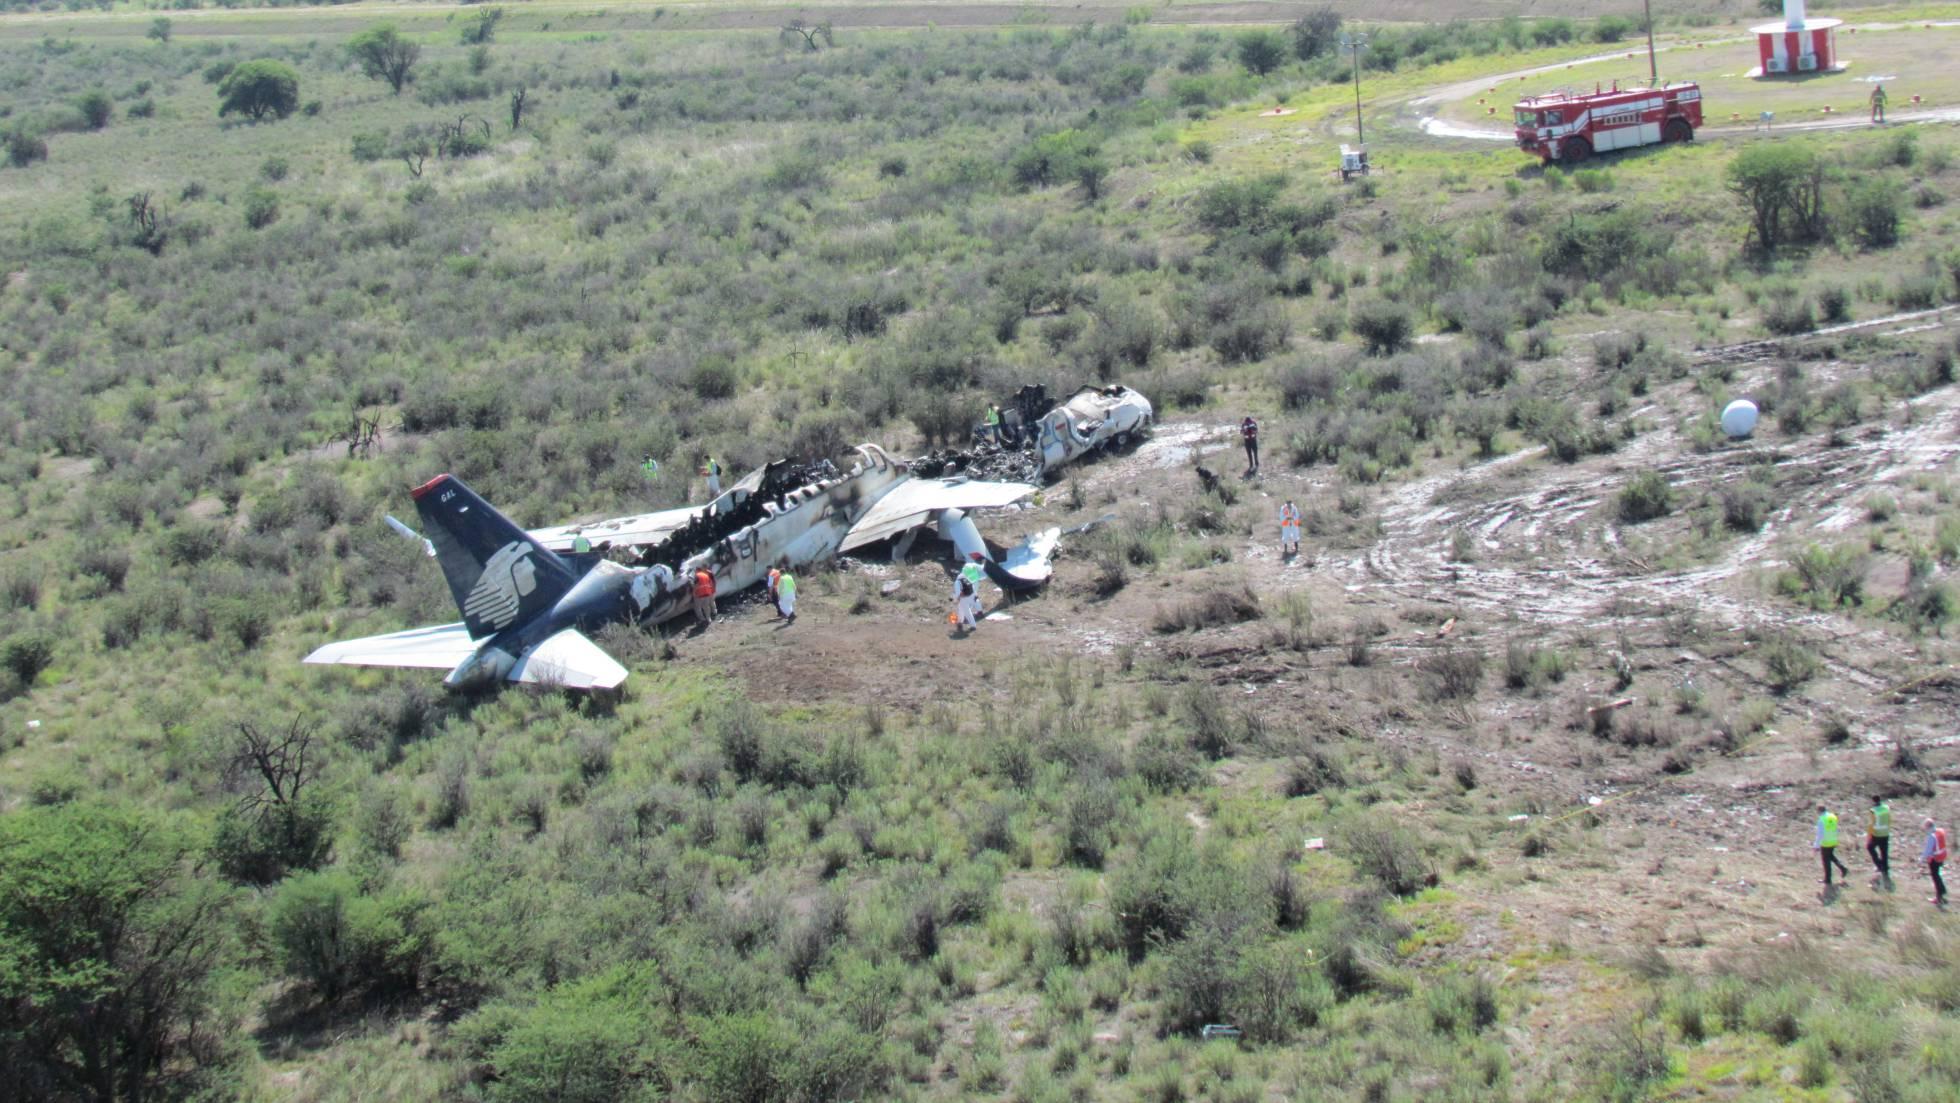 avion_destrozado_durango